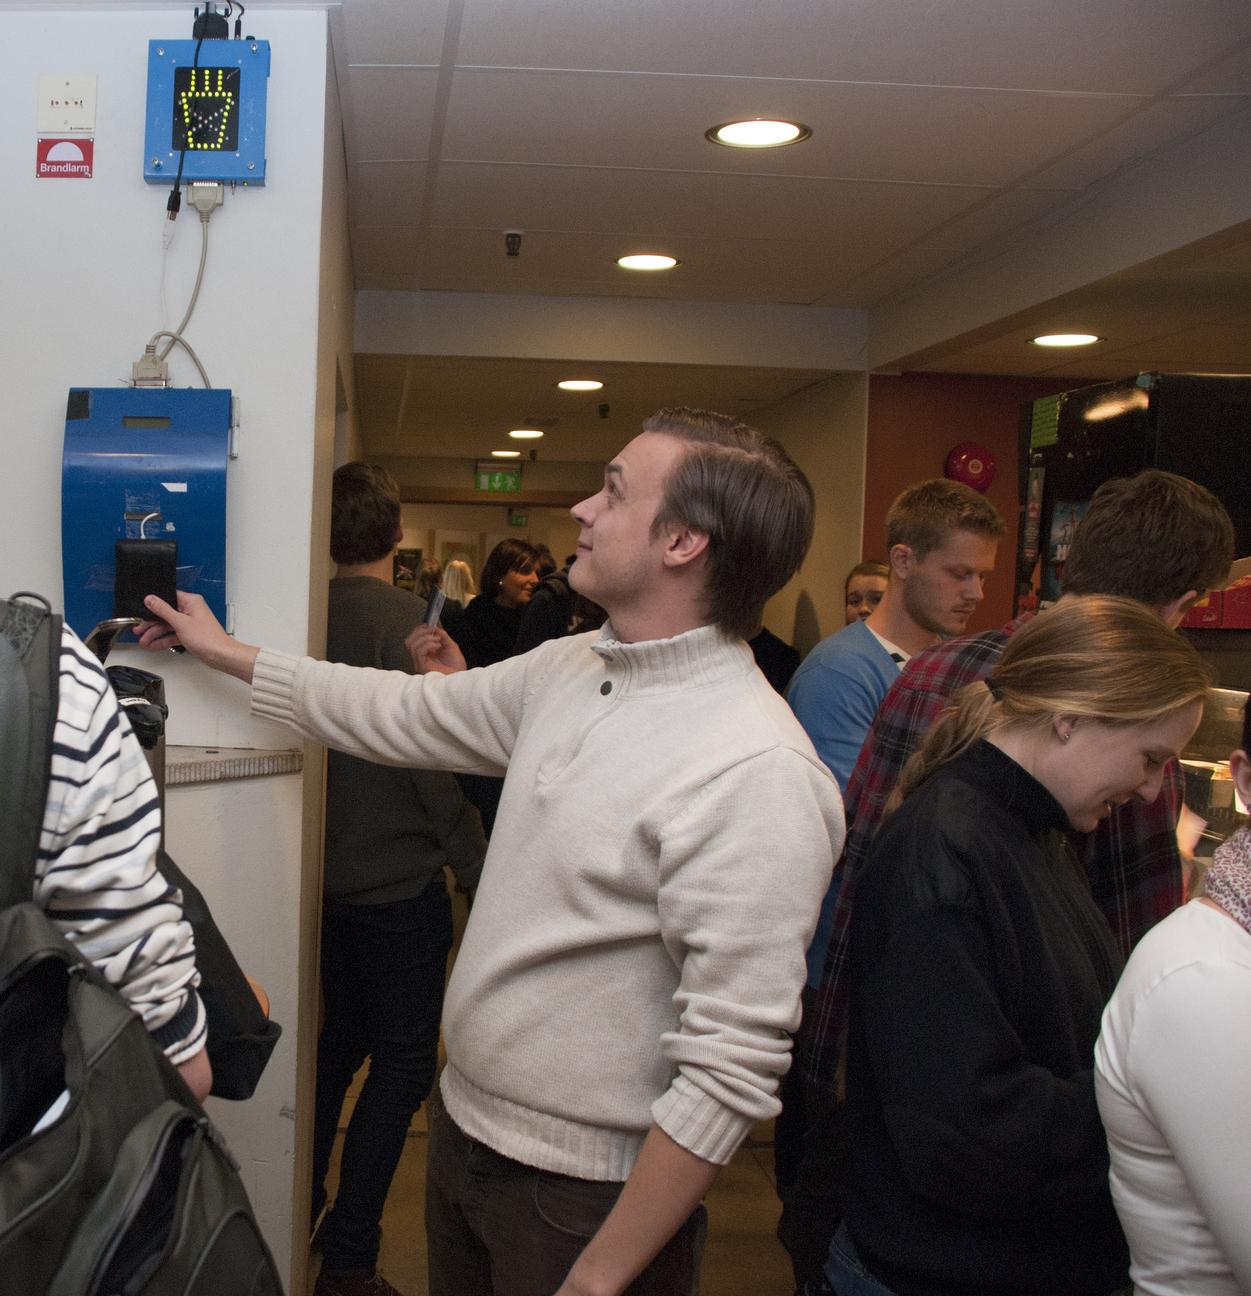 Betalning via NFC för självservering. Fotograf: Jonas Olofsson.